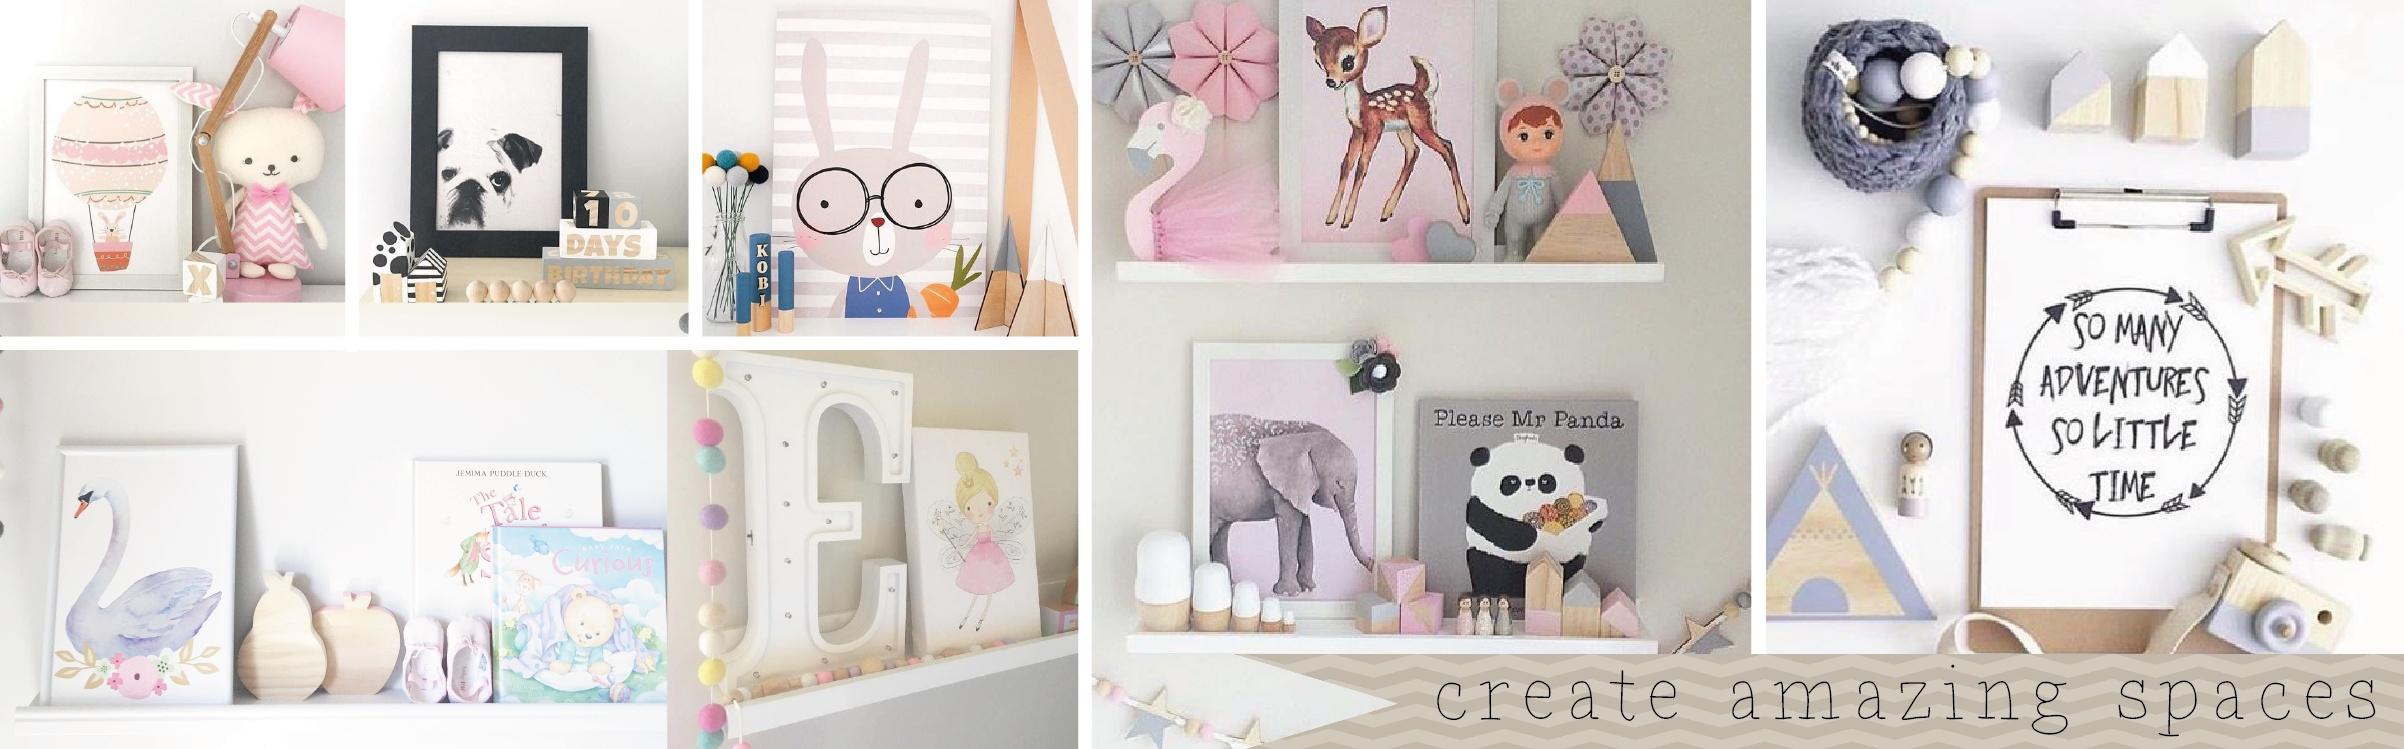 children's prints